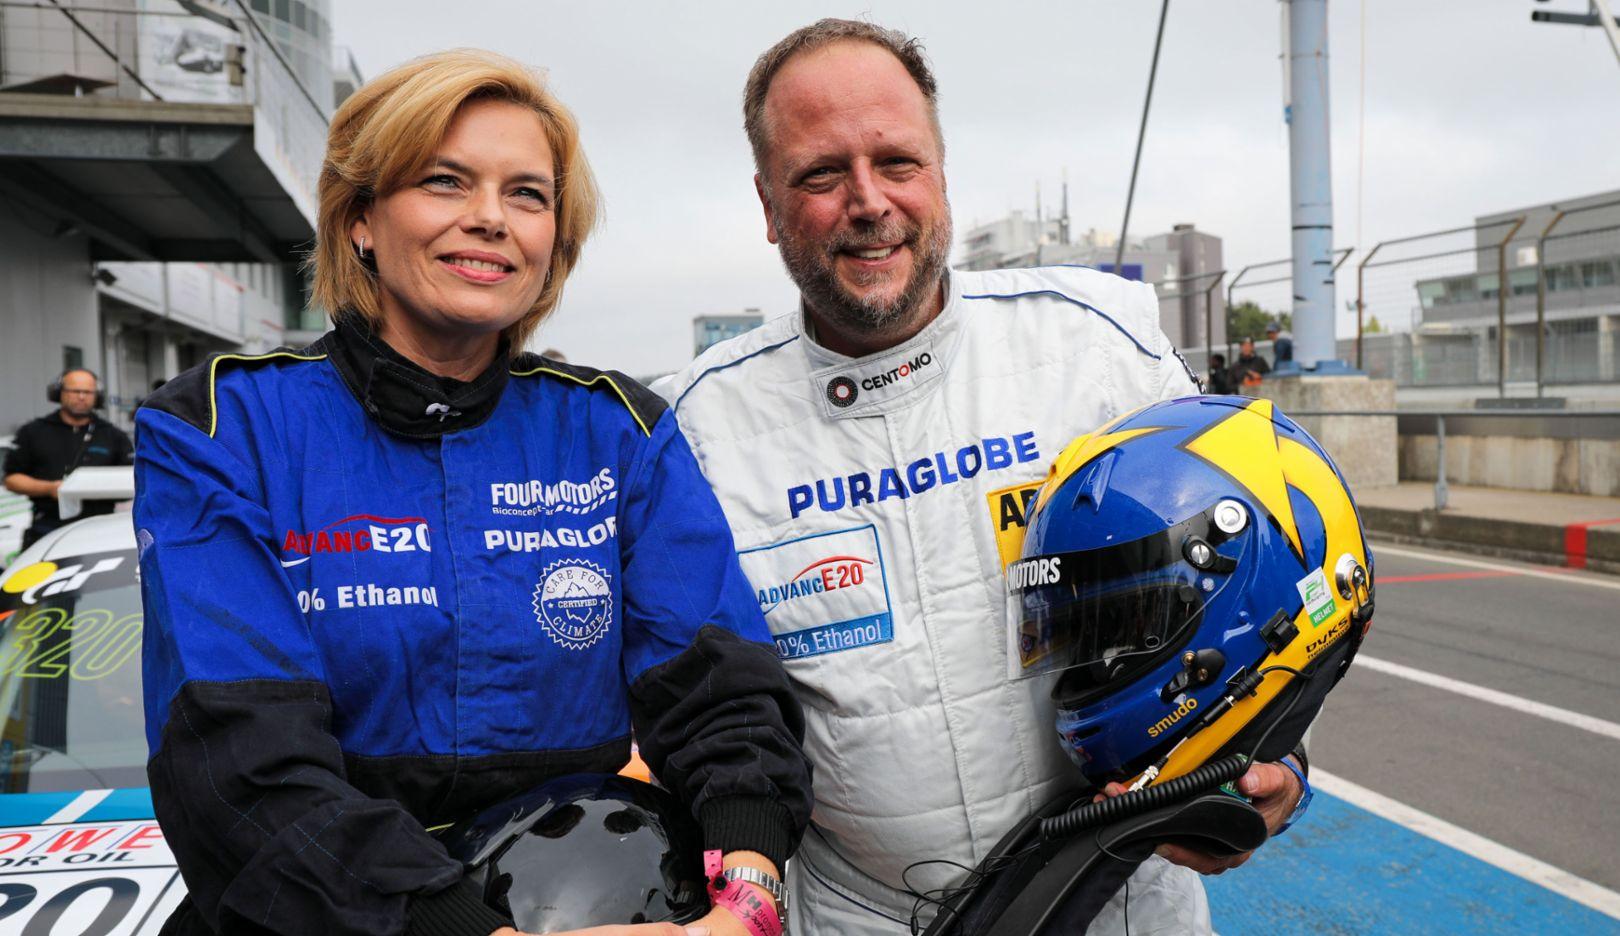 Julia Klöckner, Federal Minister, Smudo, Rapper, 911 GT3 Cup, Nürburgring, 2018, Porsche AG